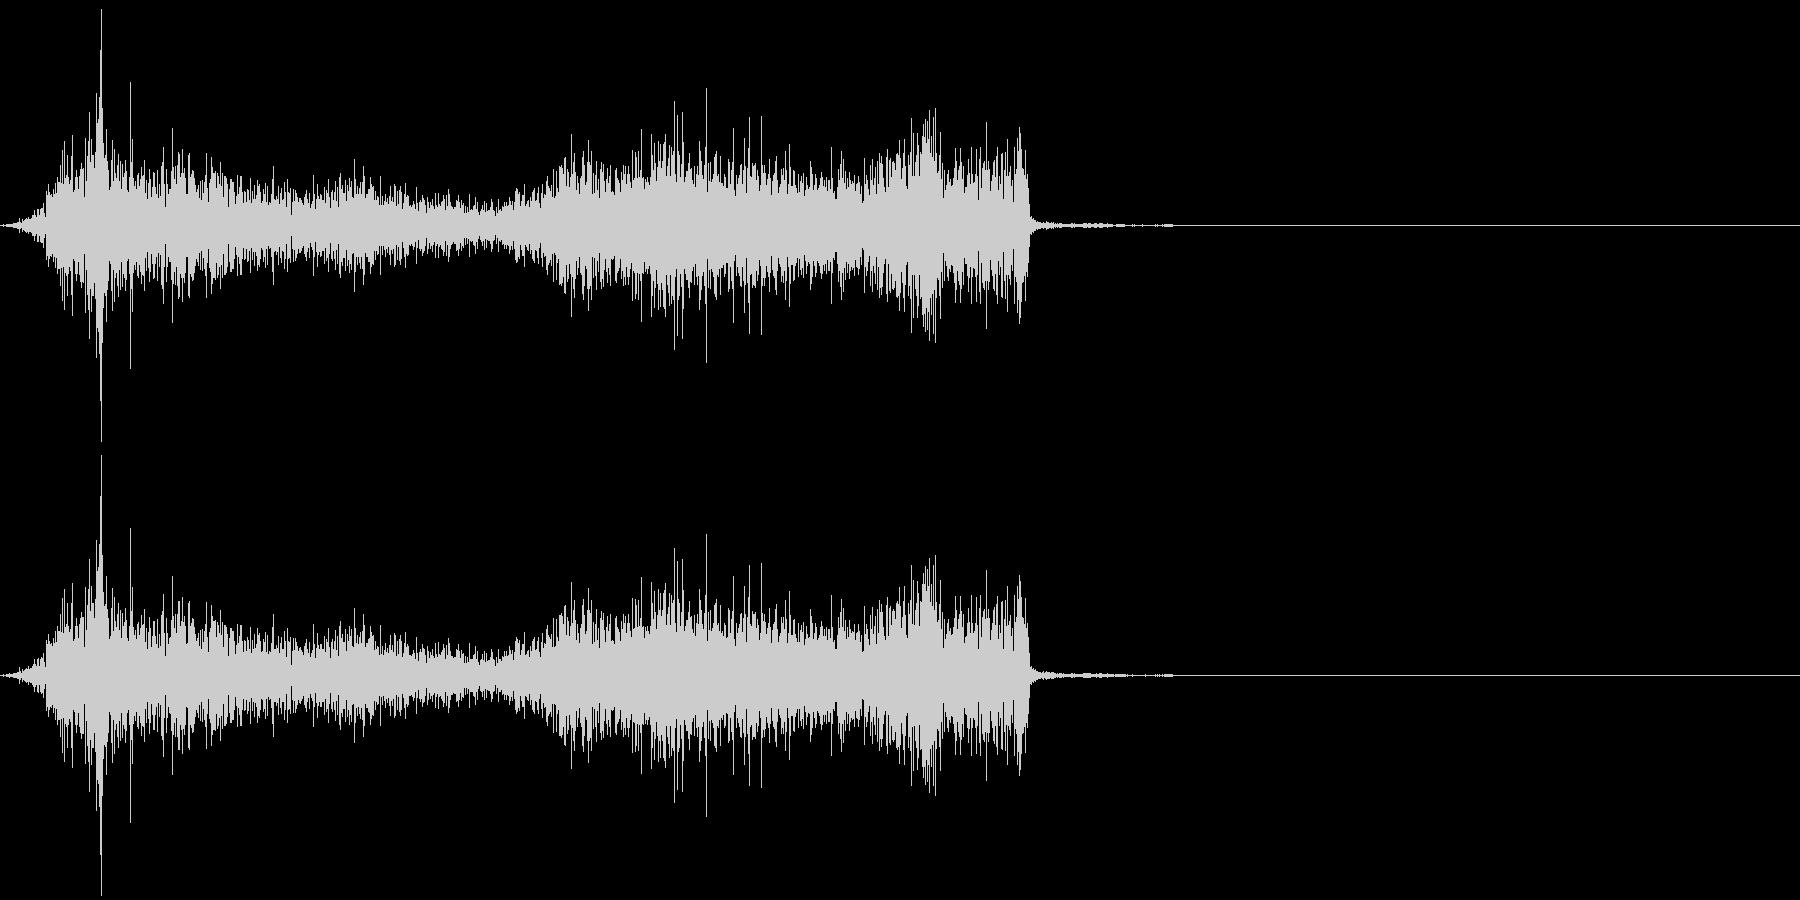 タブ切り替え時の音(紙を擦る音)_02の未再生の波形